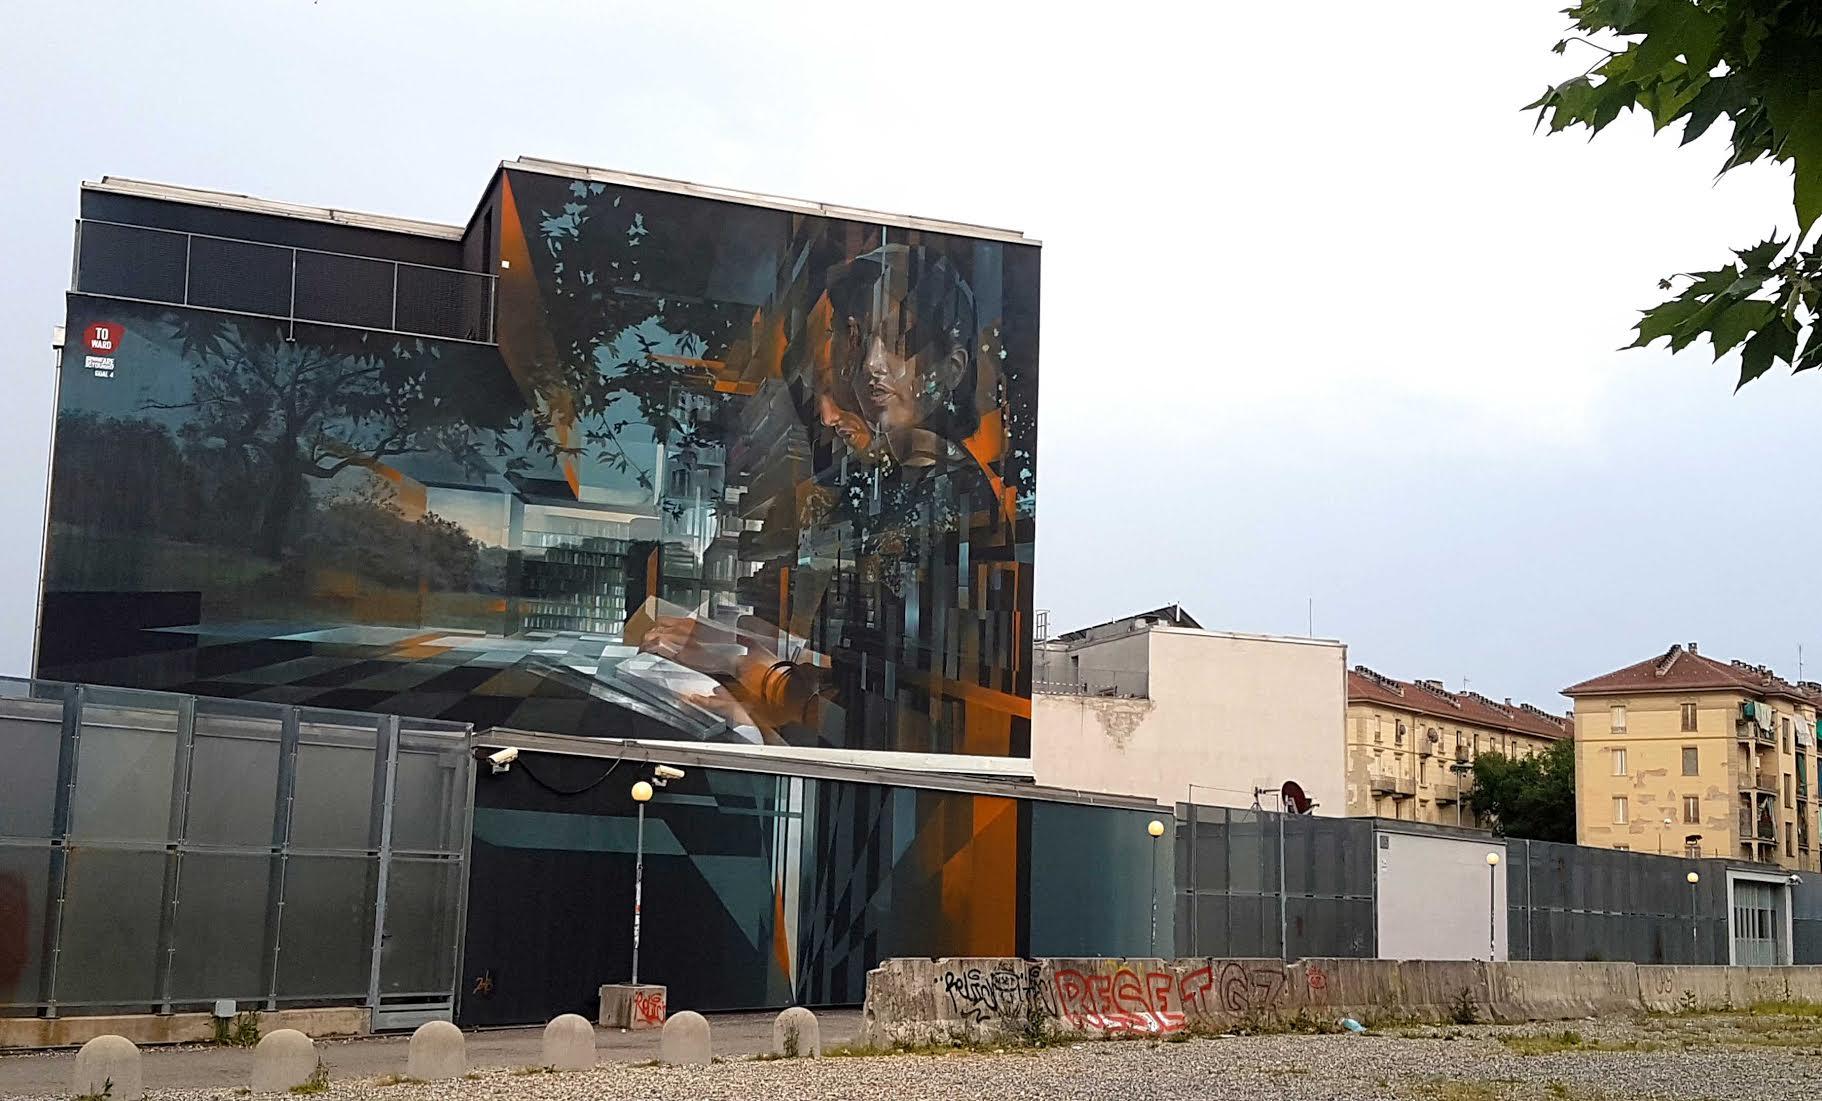 APC – New mural by VESOD in Turin, Italy Artes & contextos vesod1